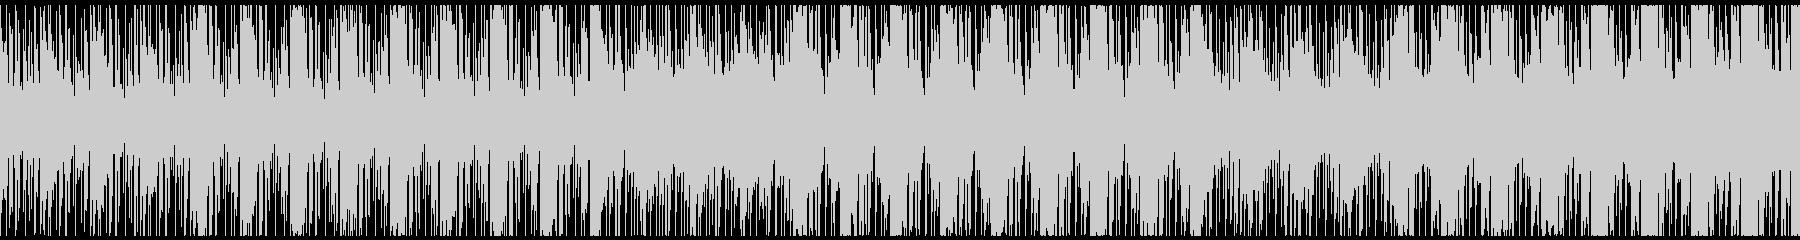 緊張感のある状態をイメージしたBGMの未再生の波形